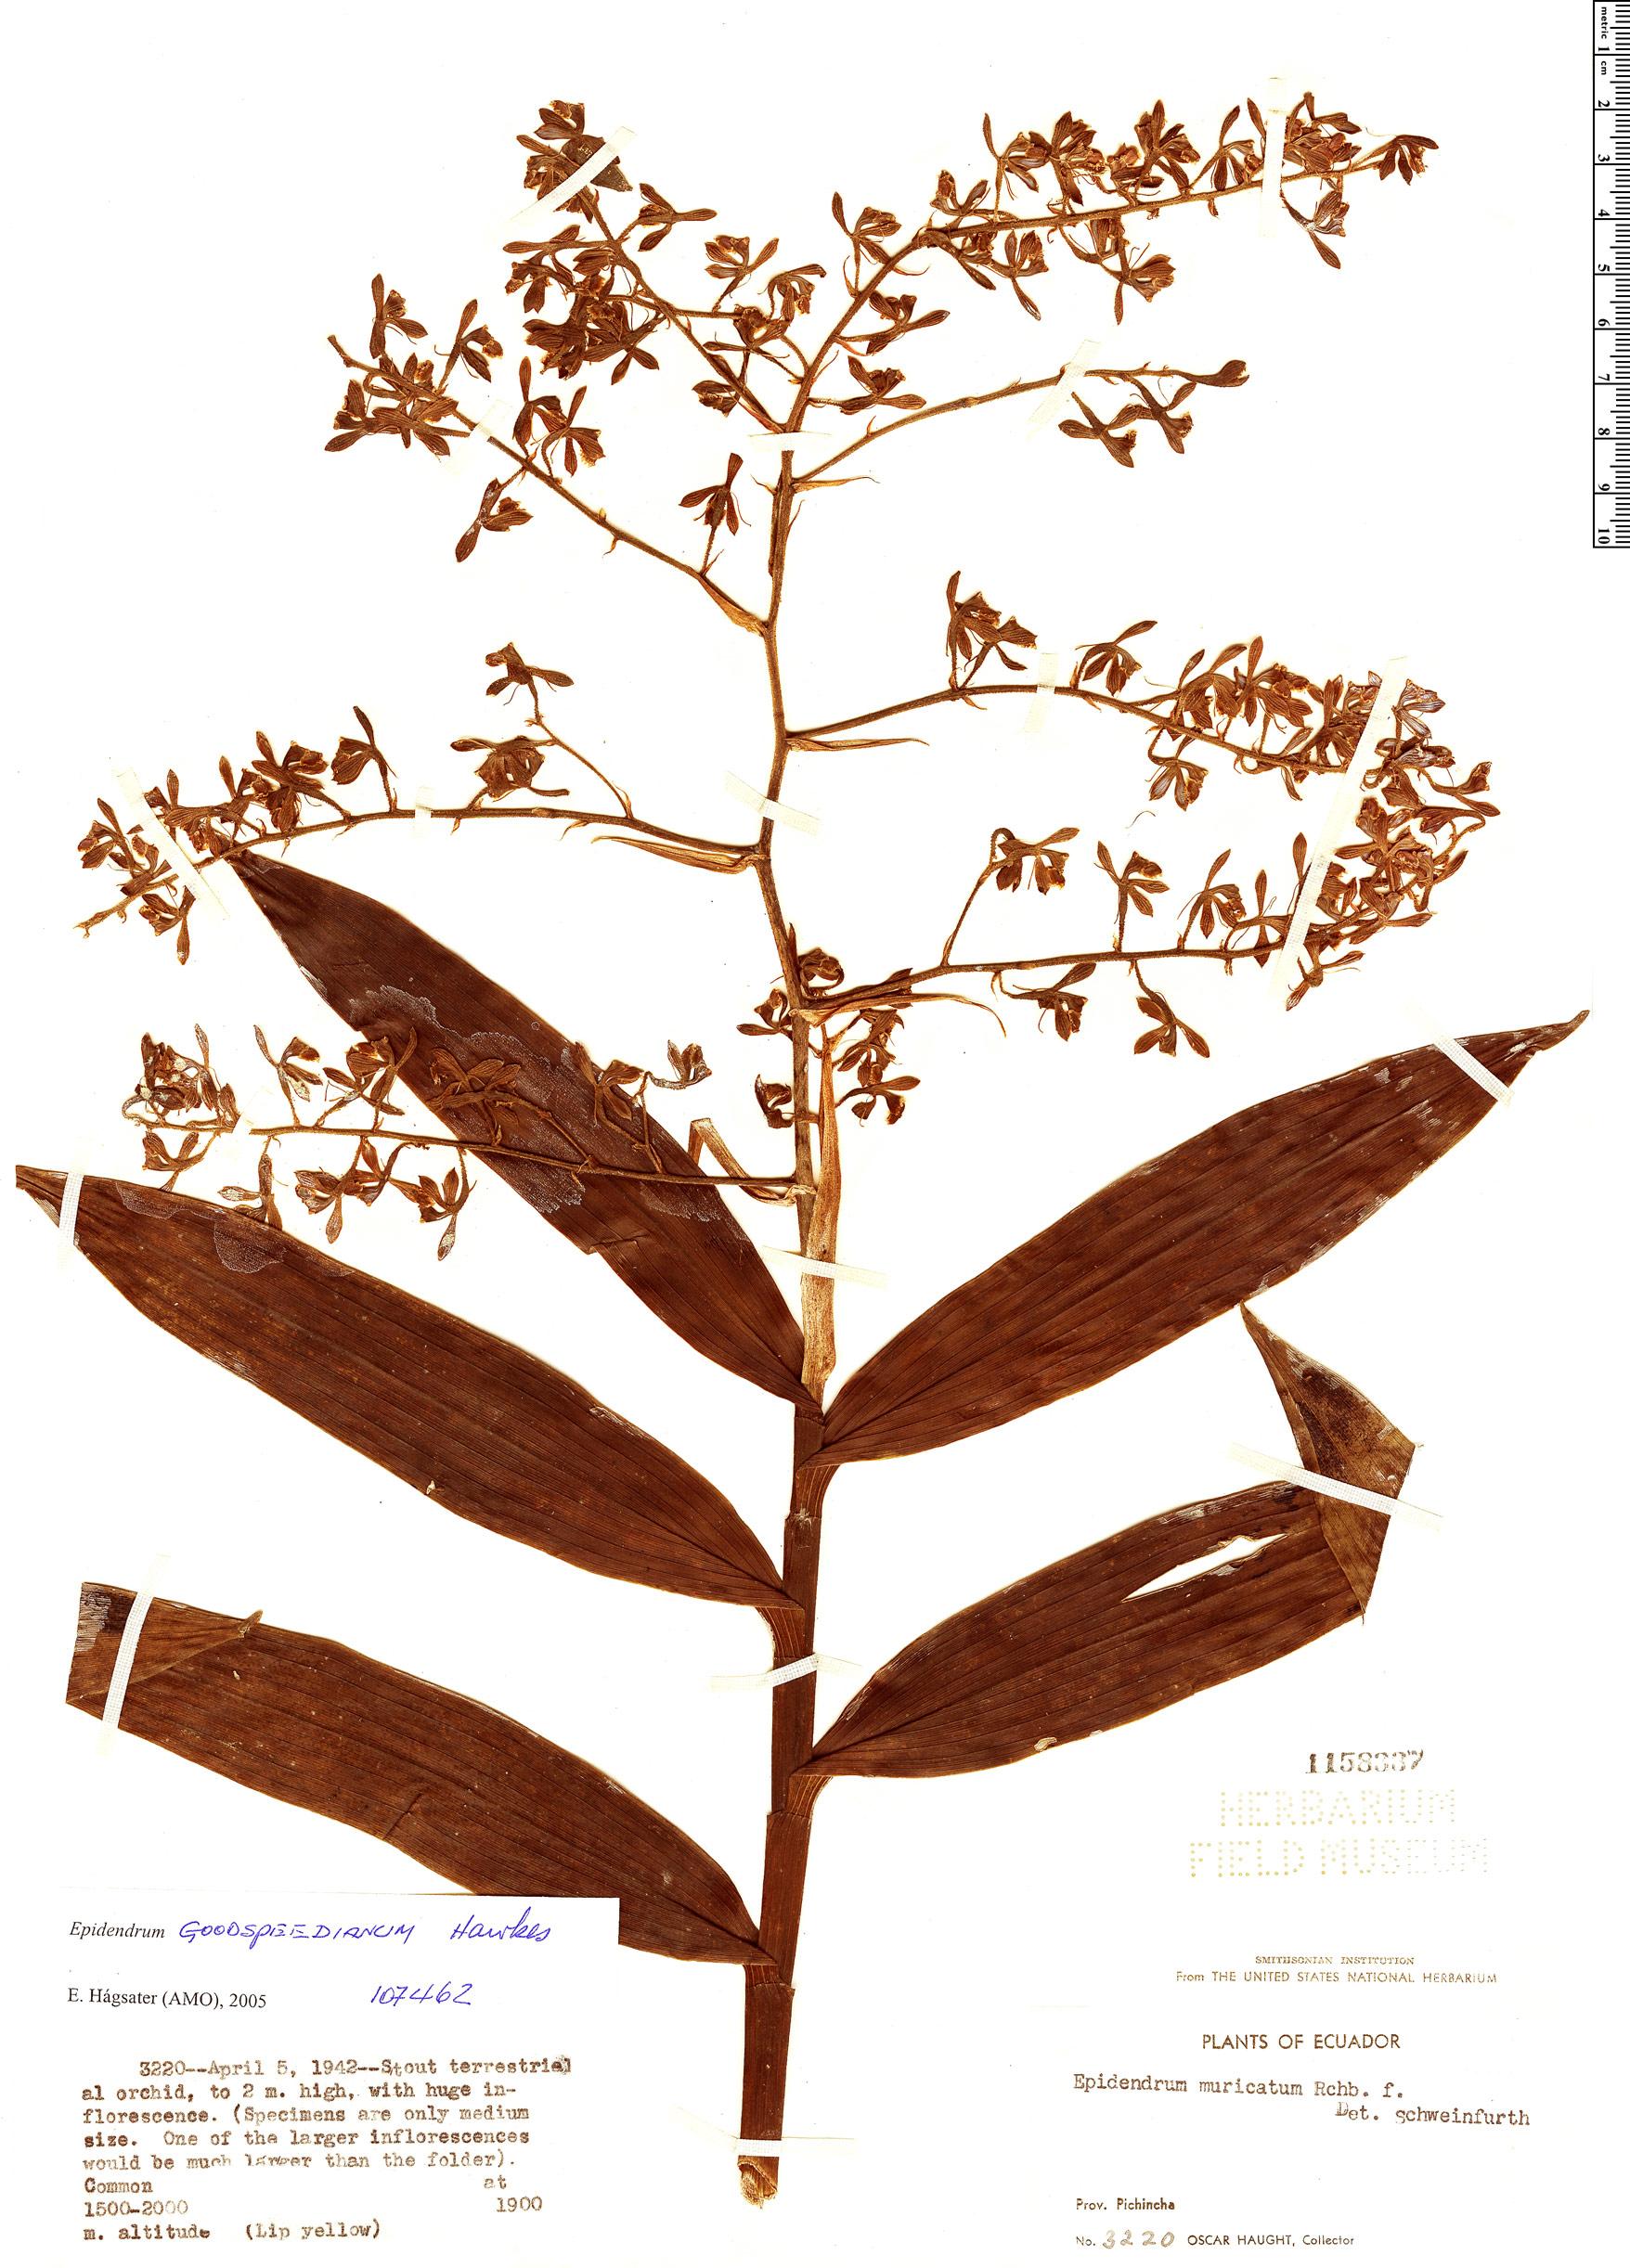 Specimen: Epidendrum goodspeedianum